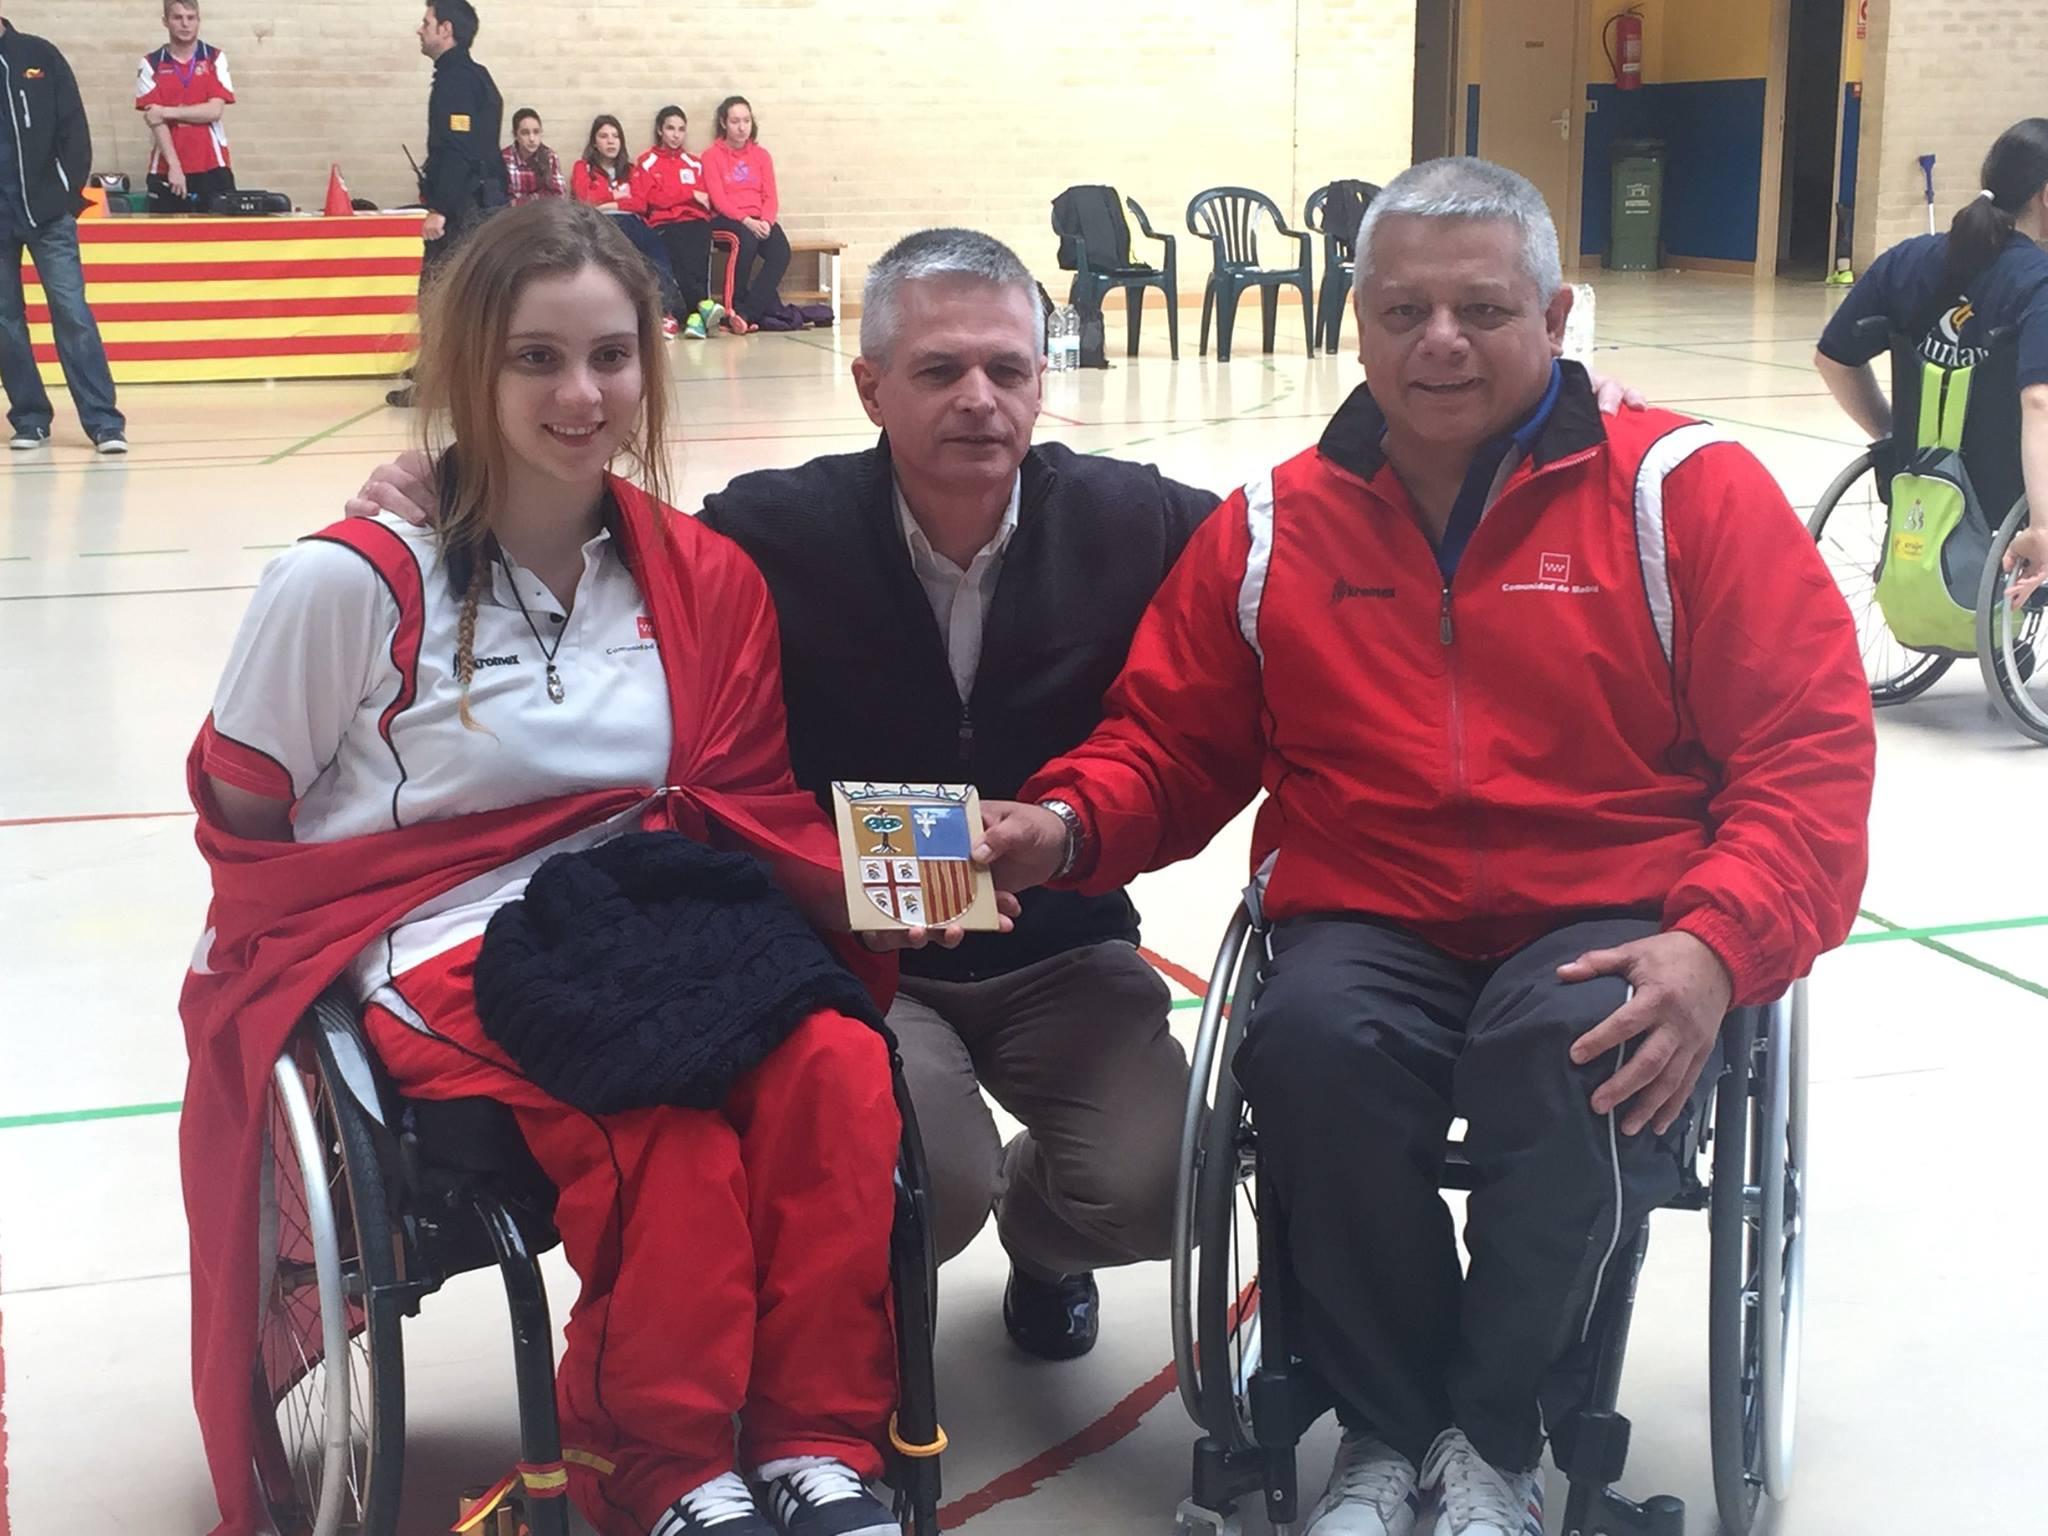 La selección madrileña de baloncesto en silla de ruedas finalizó en cuarta posición en el Campeonato de España